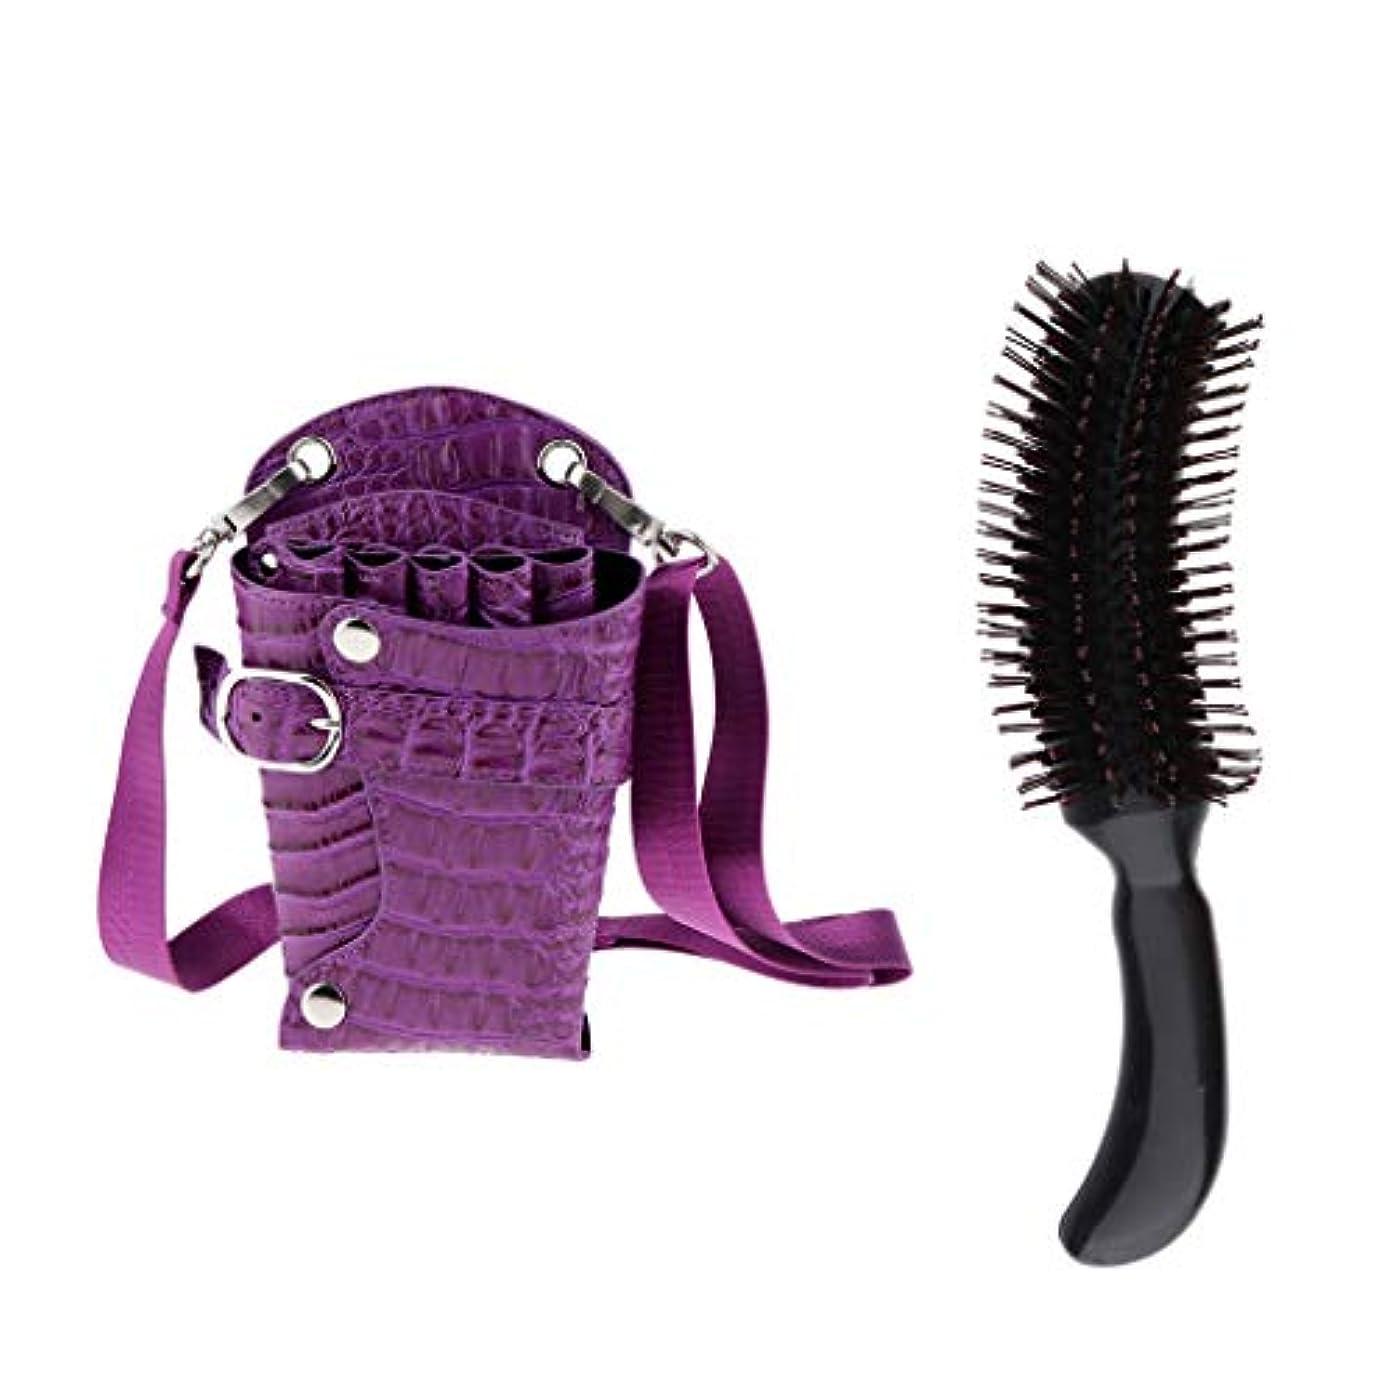 ロバ二次等価DYNWAVE 理髪はさみツールホルダーケース&スタイリングデタングルヘアブラシS形状